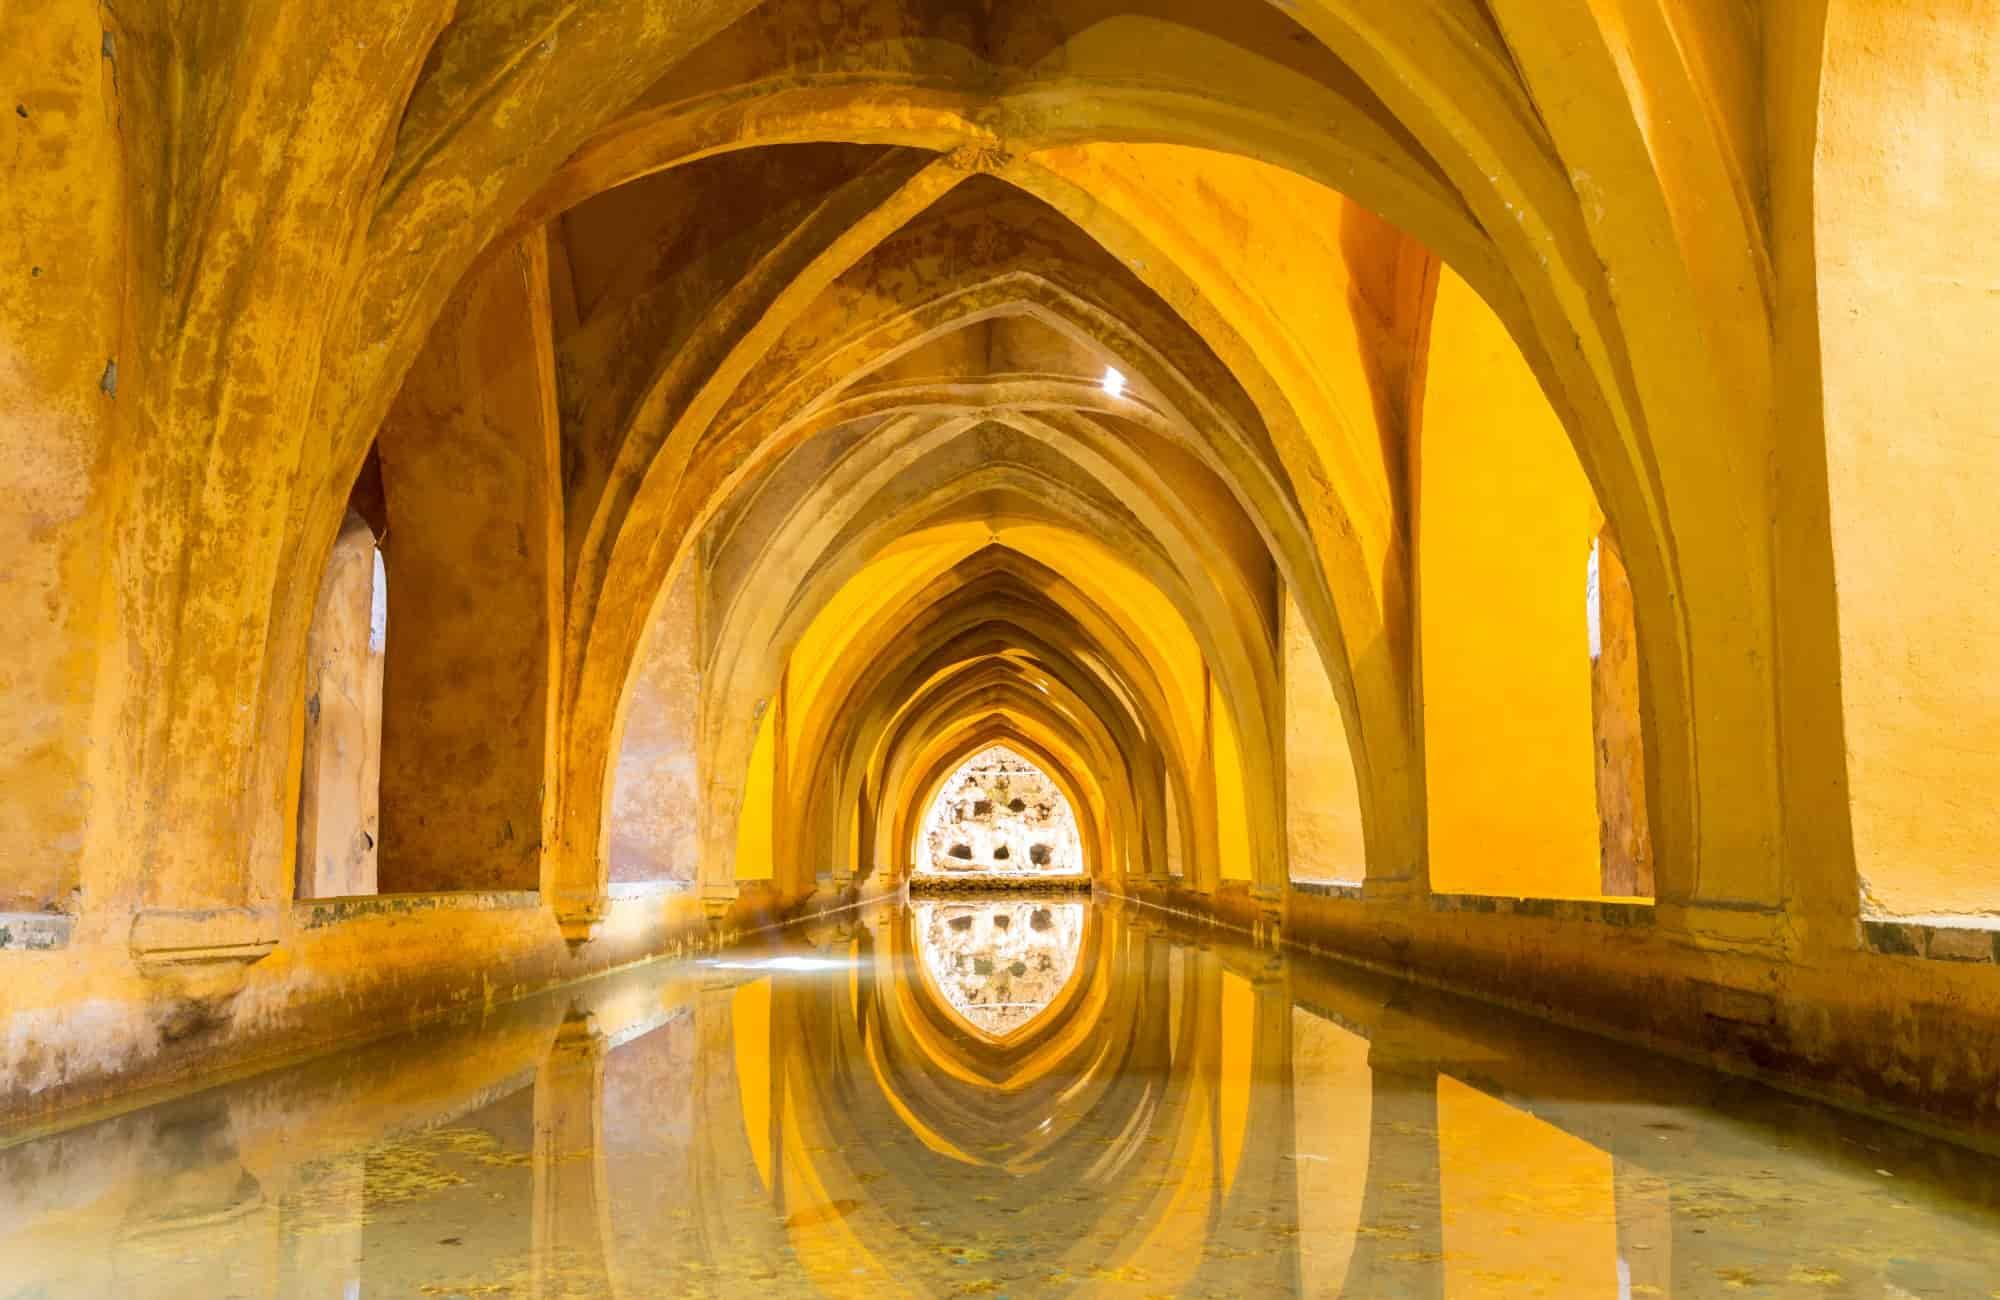 Salle de bain royale dans l'Alcazar de Séville - Recoup